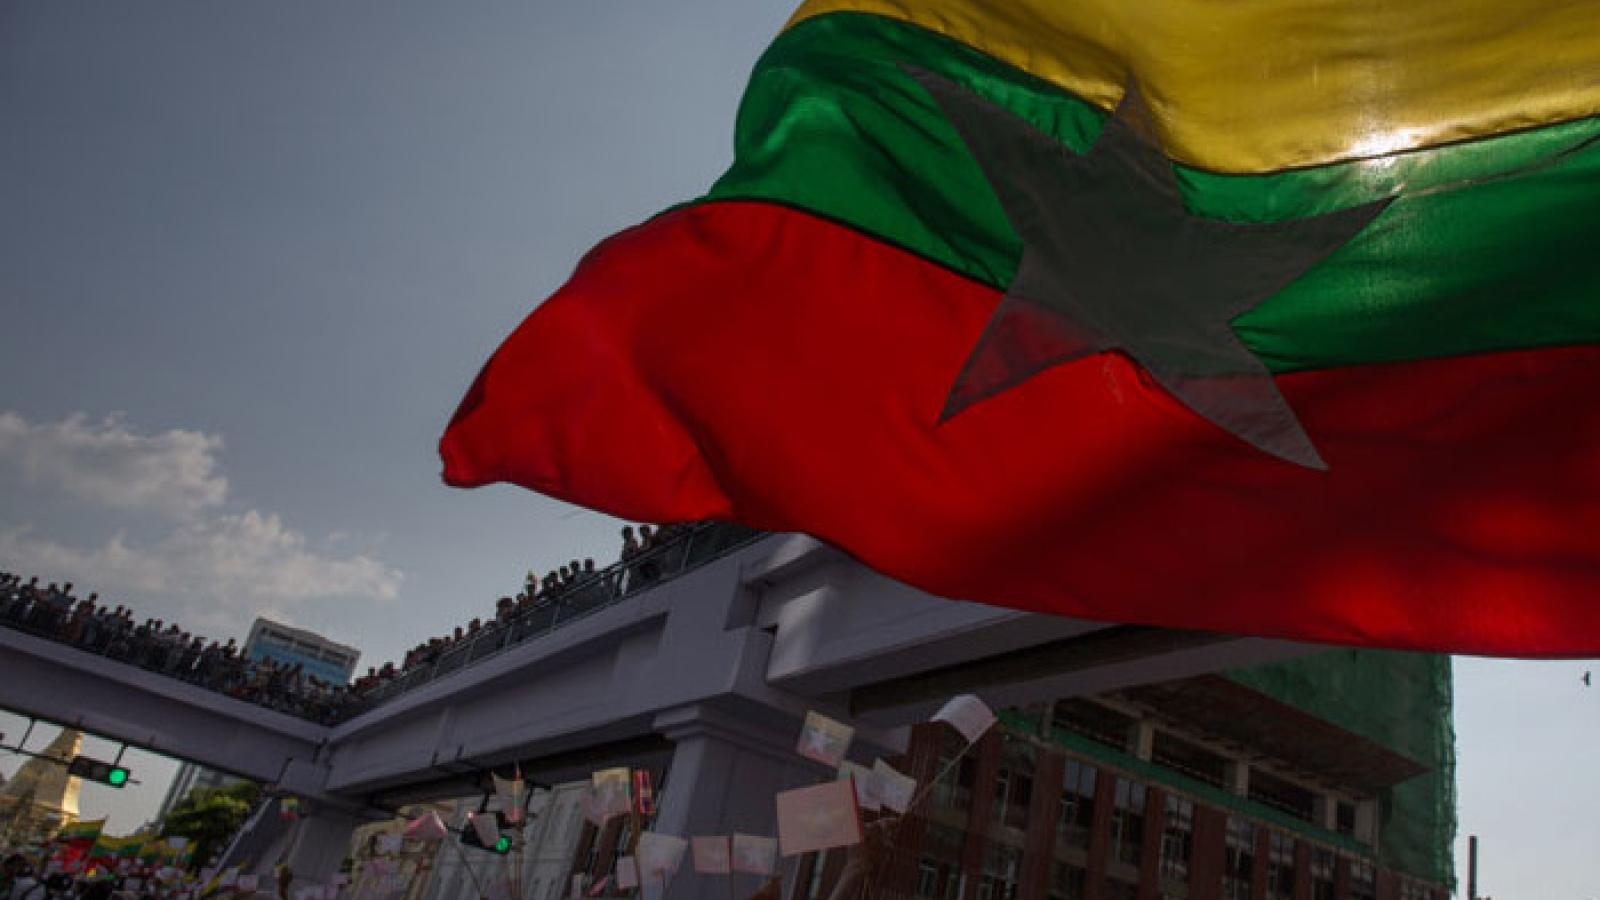 Chính biến ở Myanmar: Đài phát thanh truyền hình nhà nước bị ngừng phát sóng